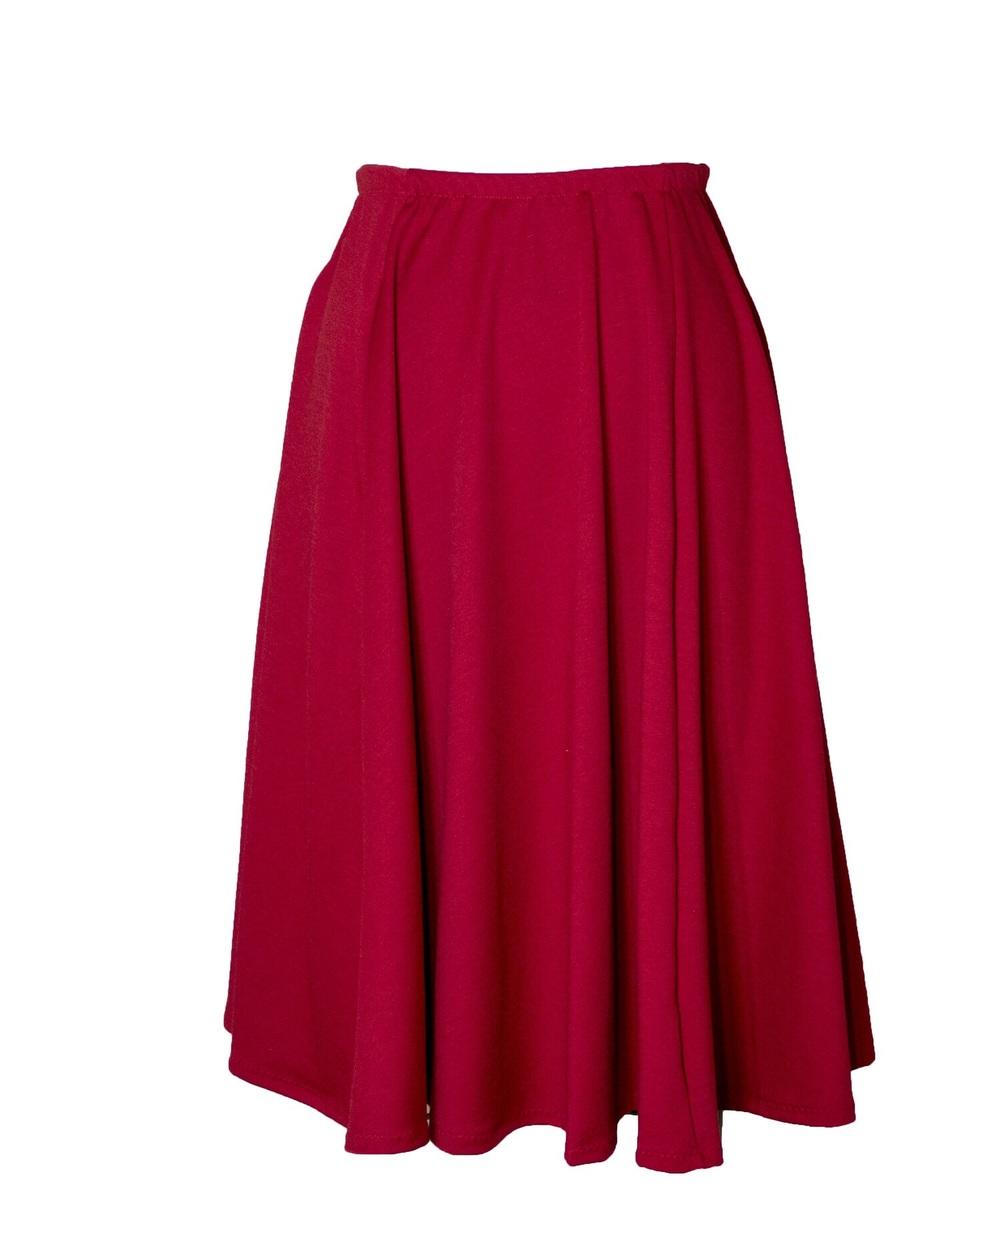 Scarlette midi skirt - $395